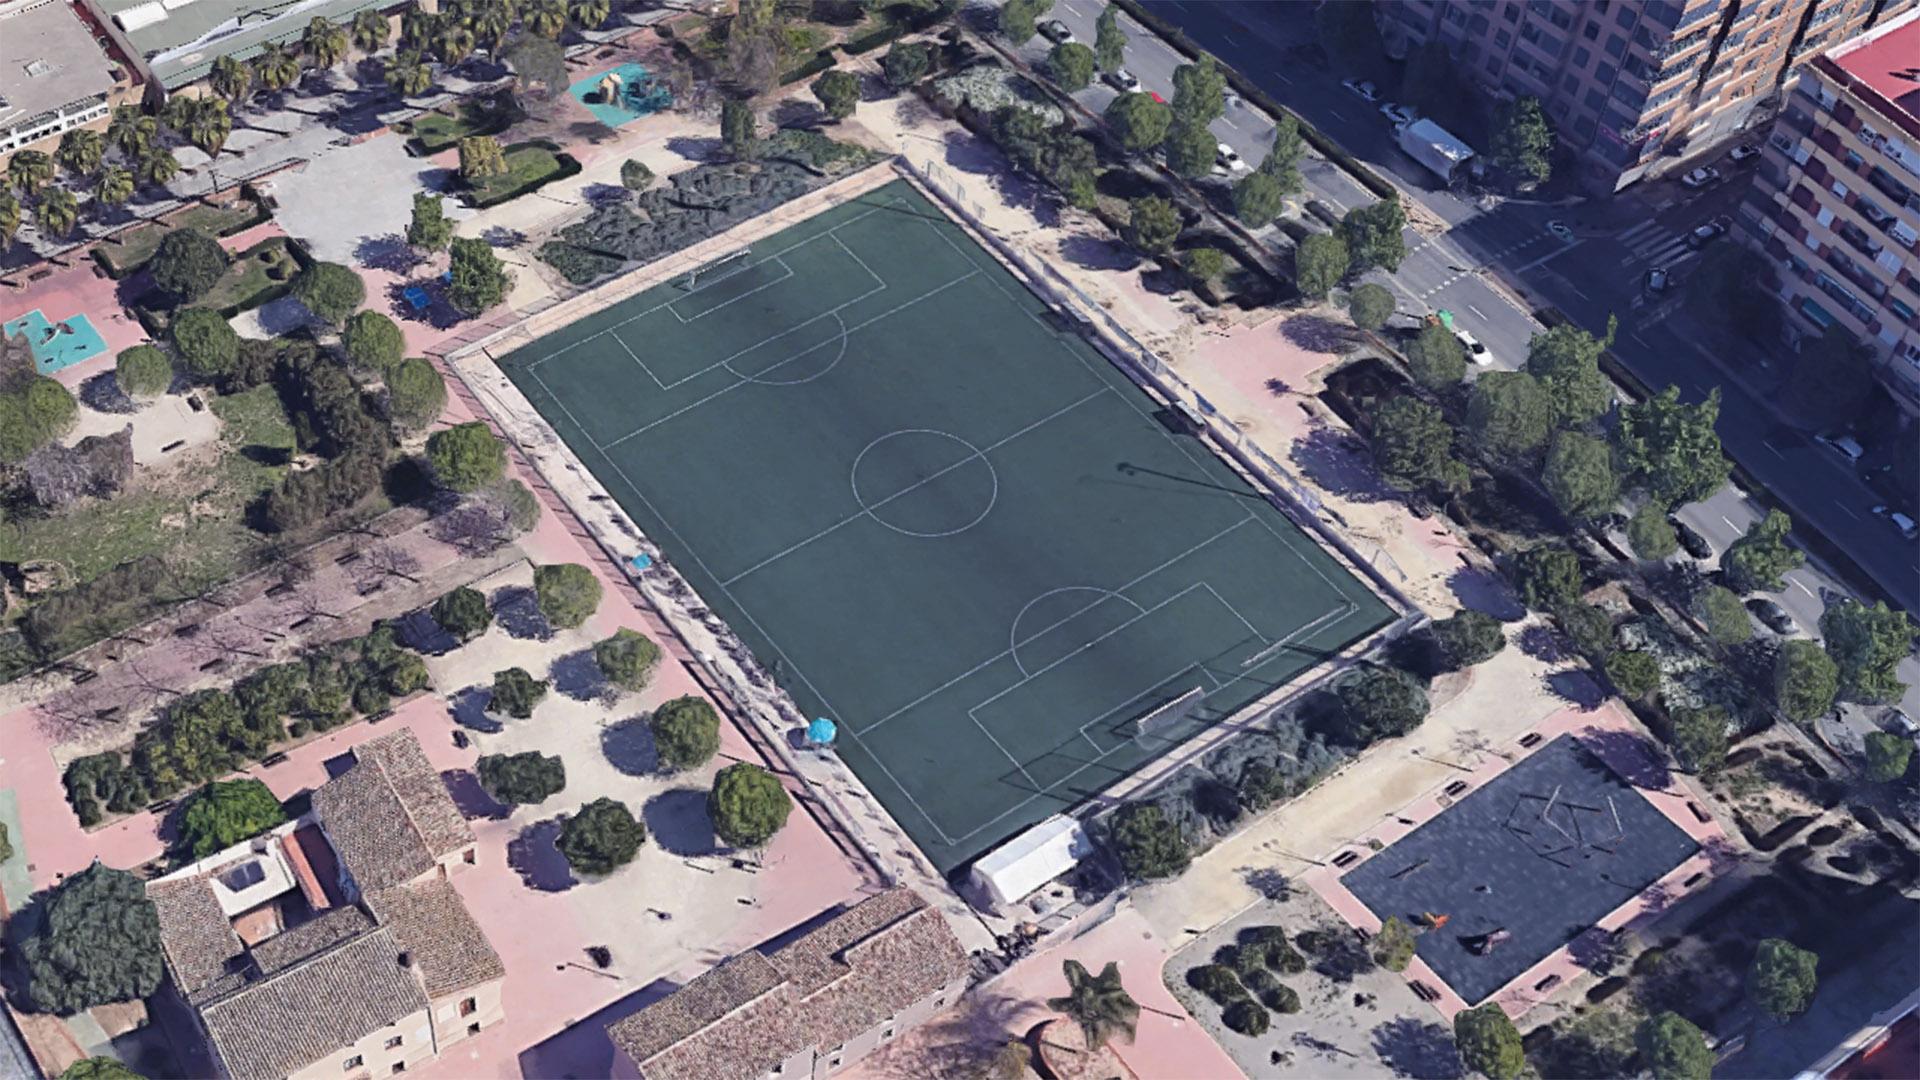 El camp de futbol de Torrefiel